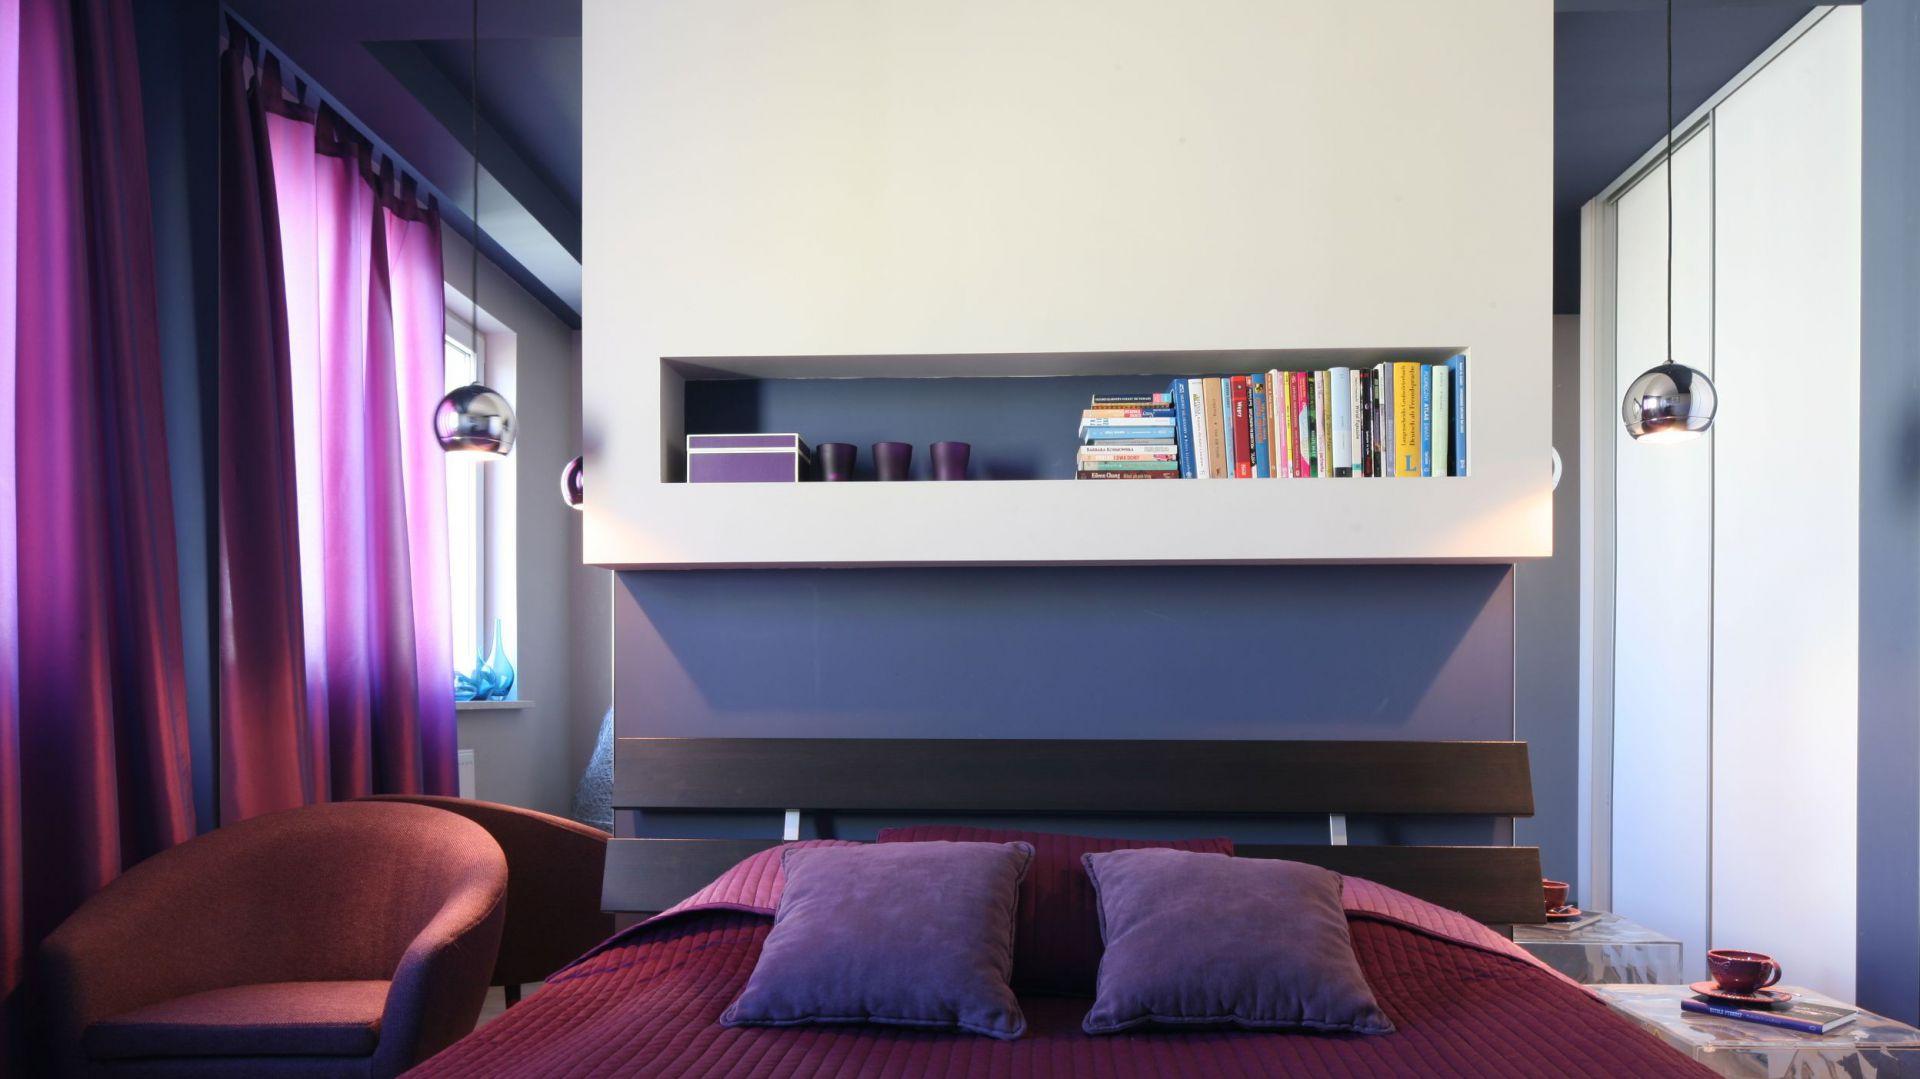 Półka nad łóżkiem  to praktyczne miejsce do przechowywania ulubionych książek. Fot. Bartosz Jarosz.